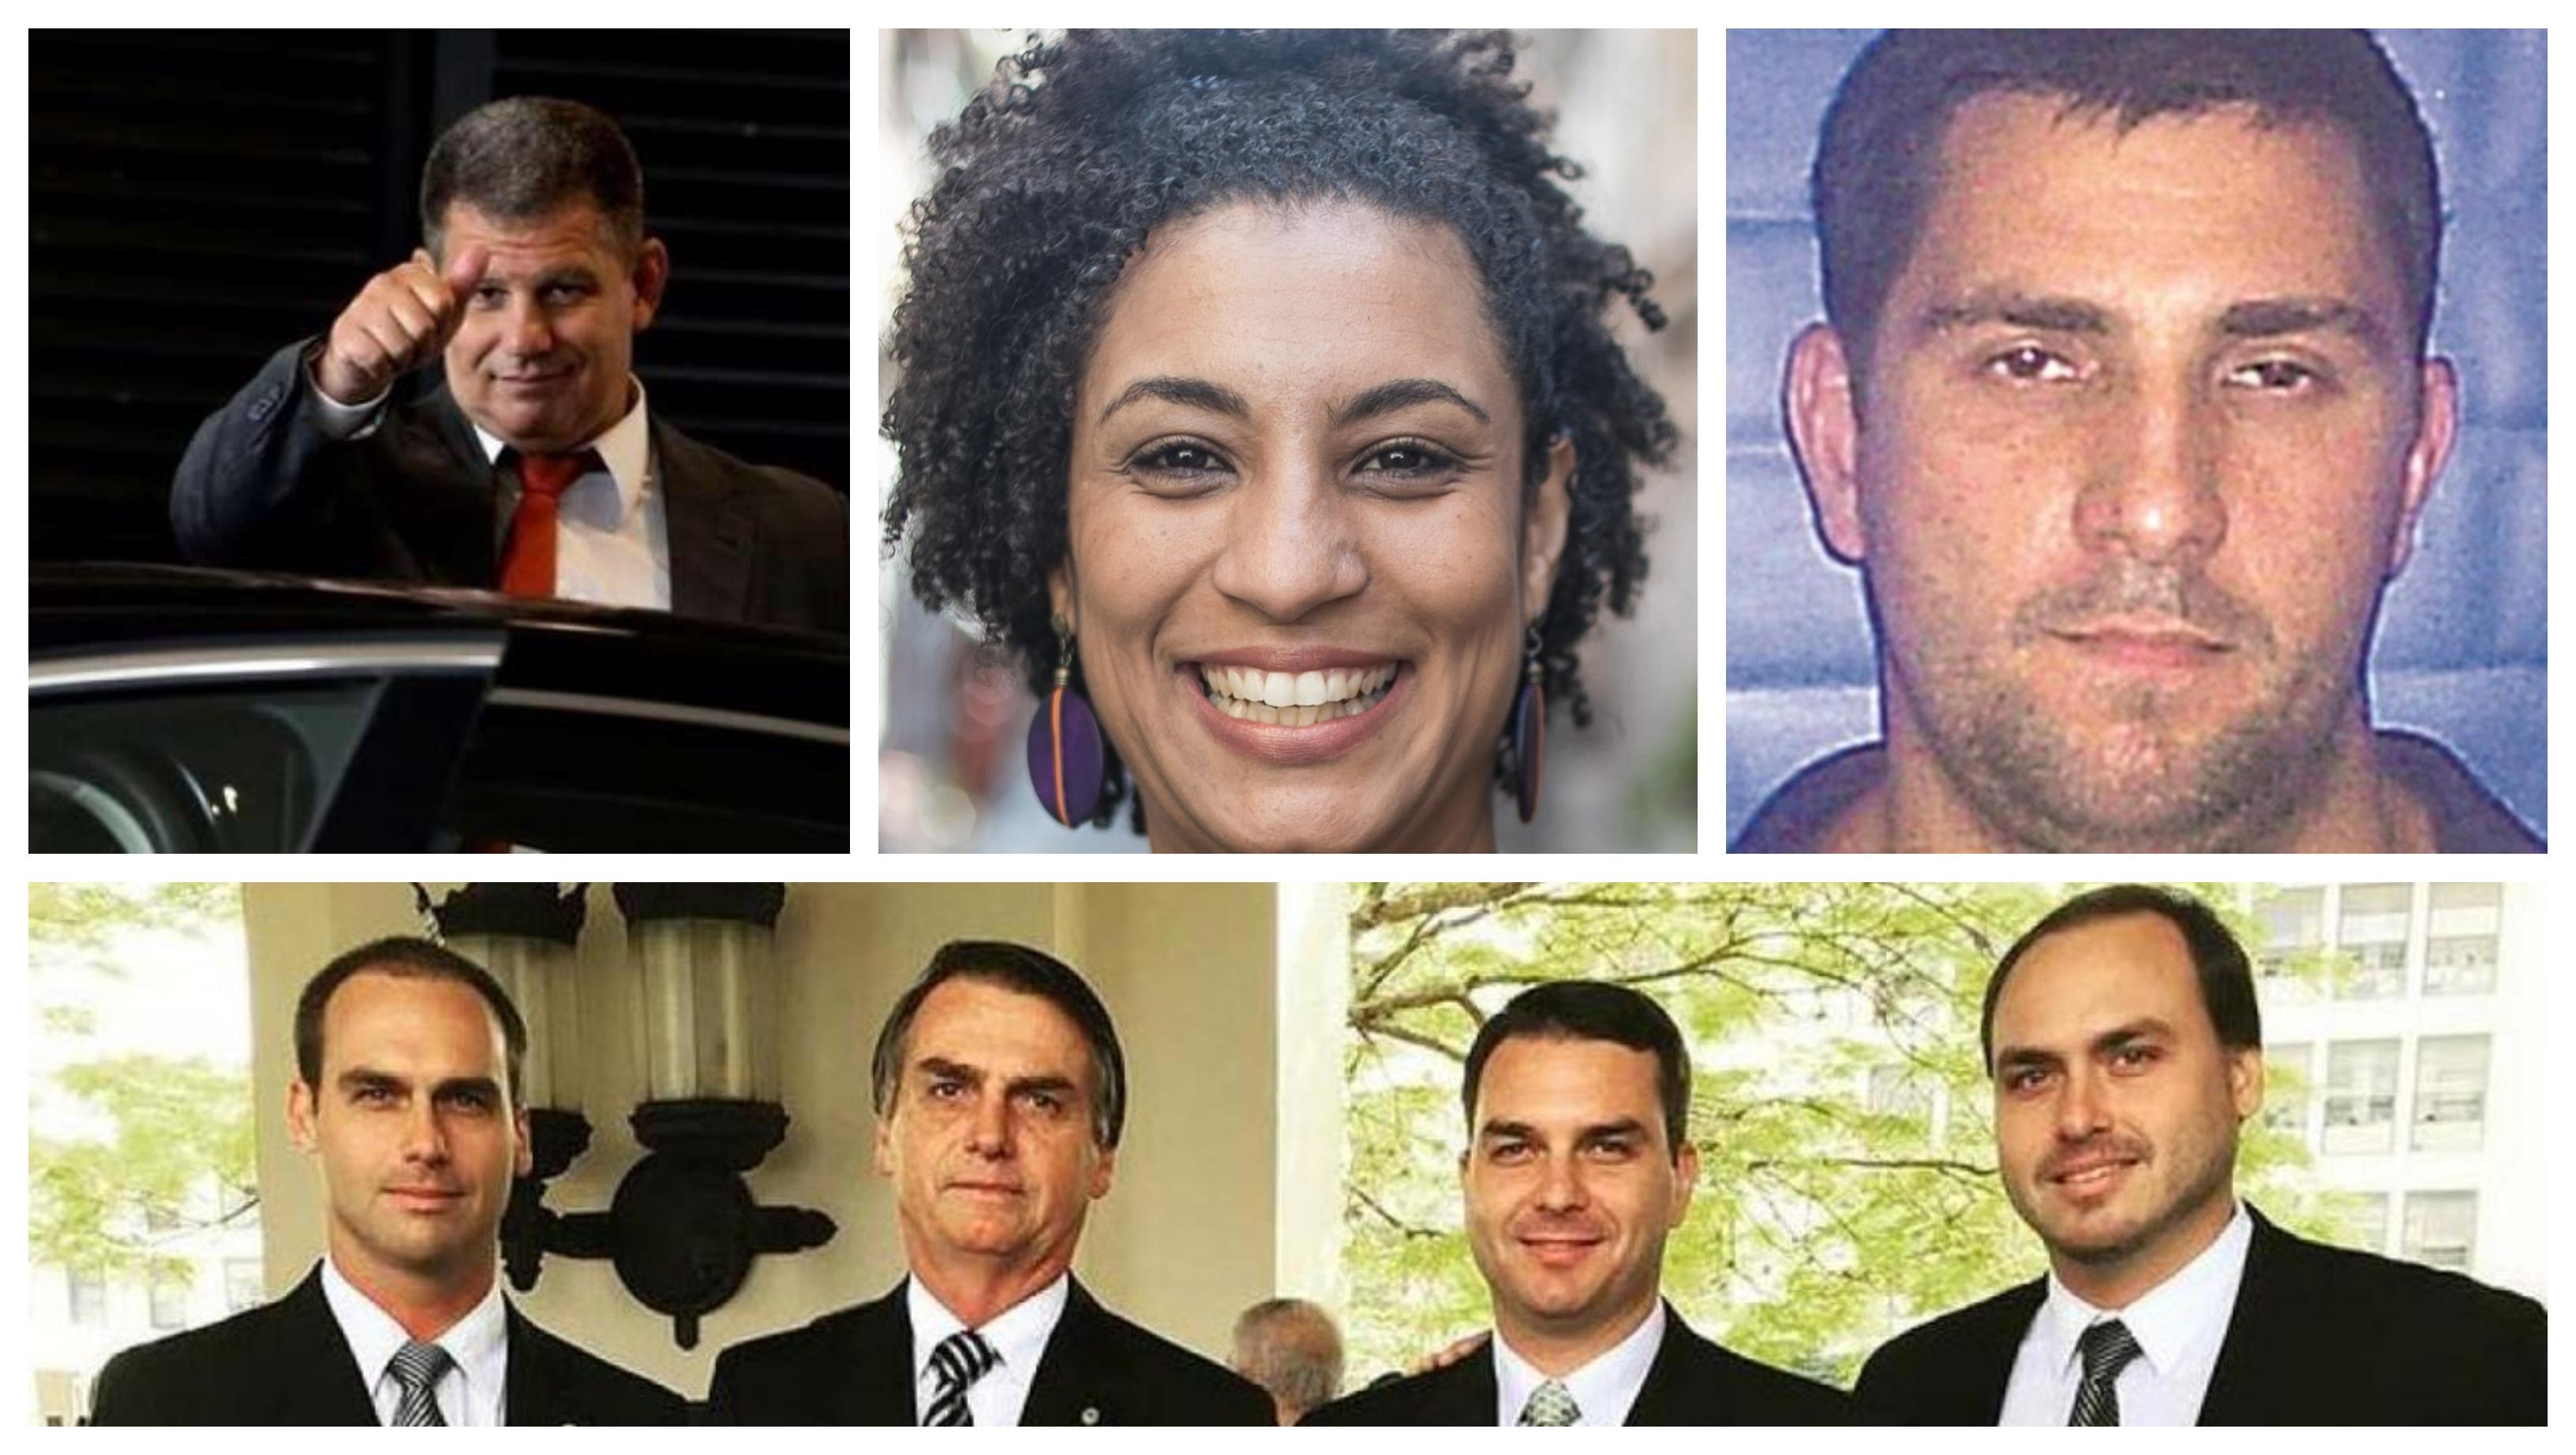 Jeferson Miola: Muitos mistérios, coincidências e mortes rondam o clã dos Bolsonaro